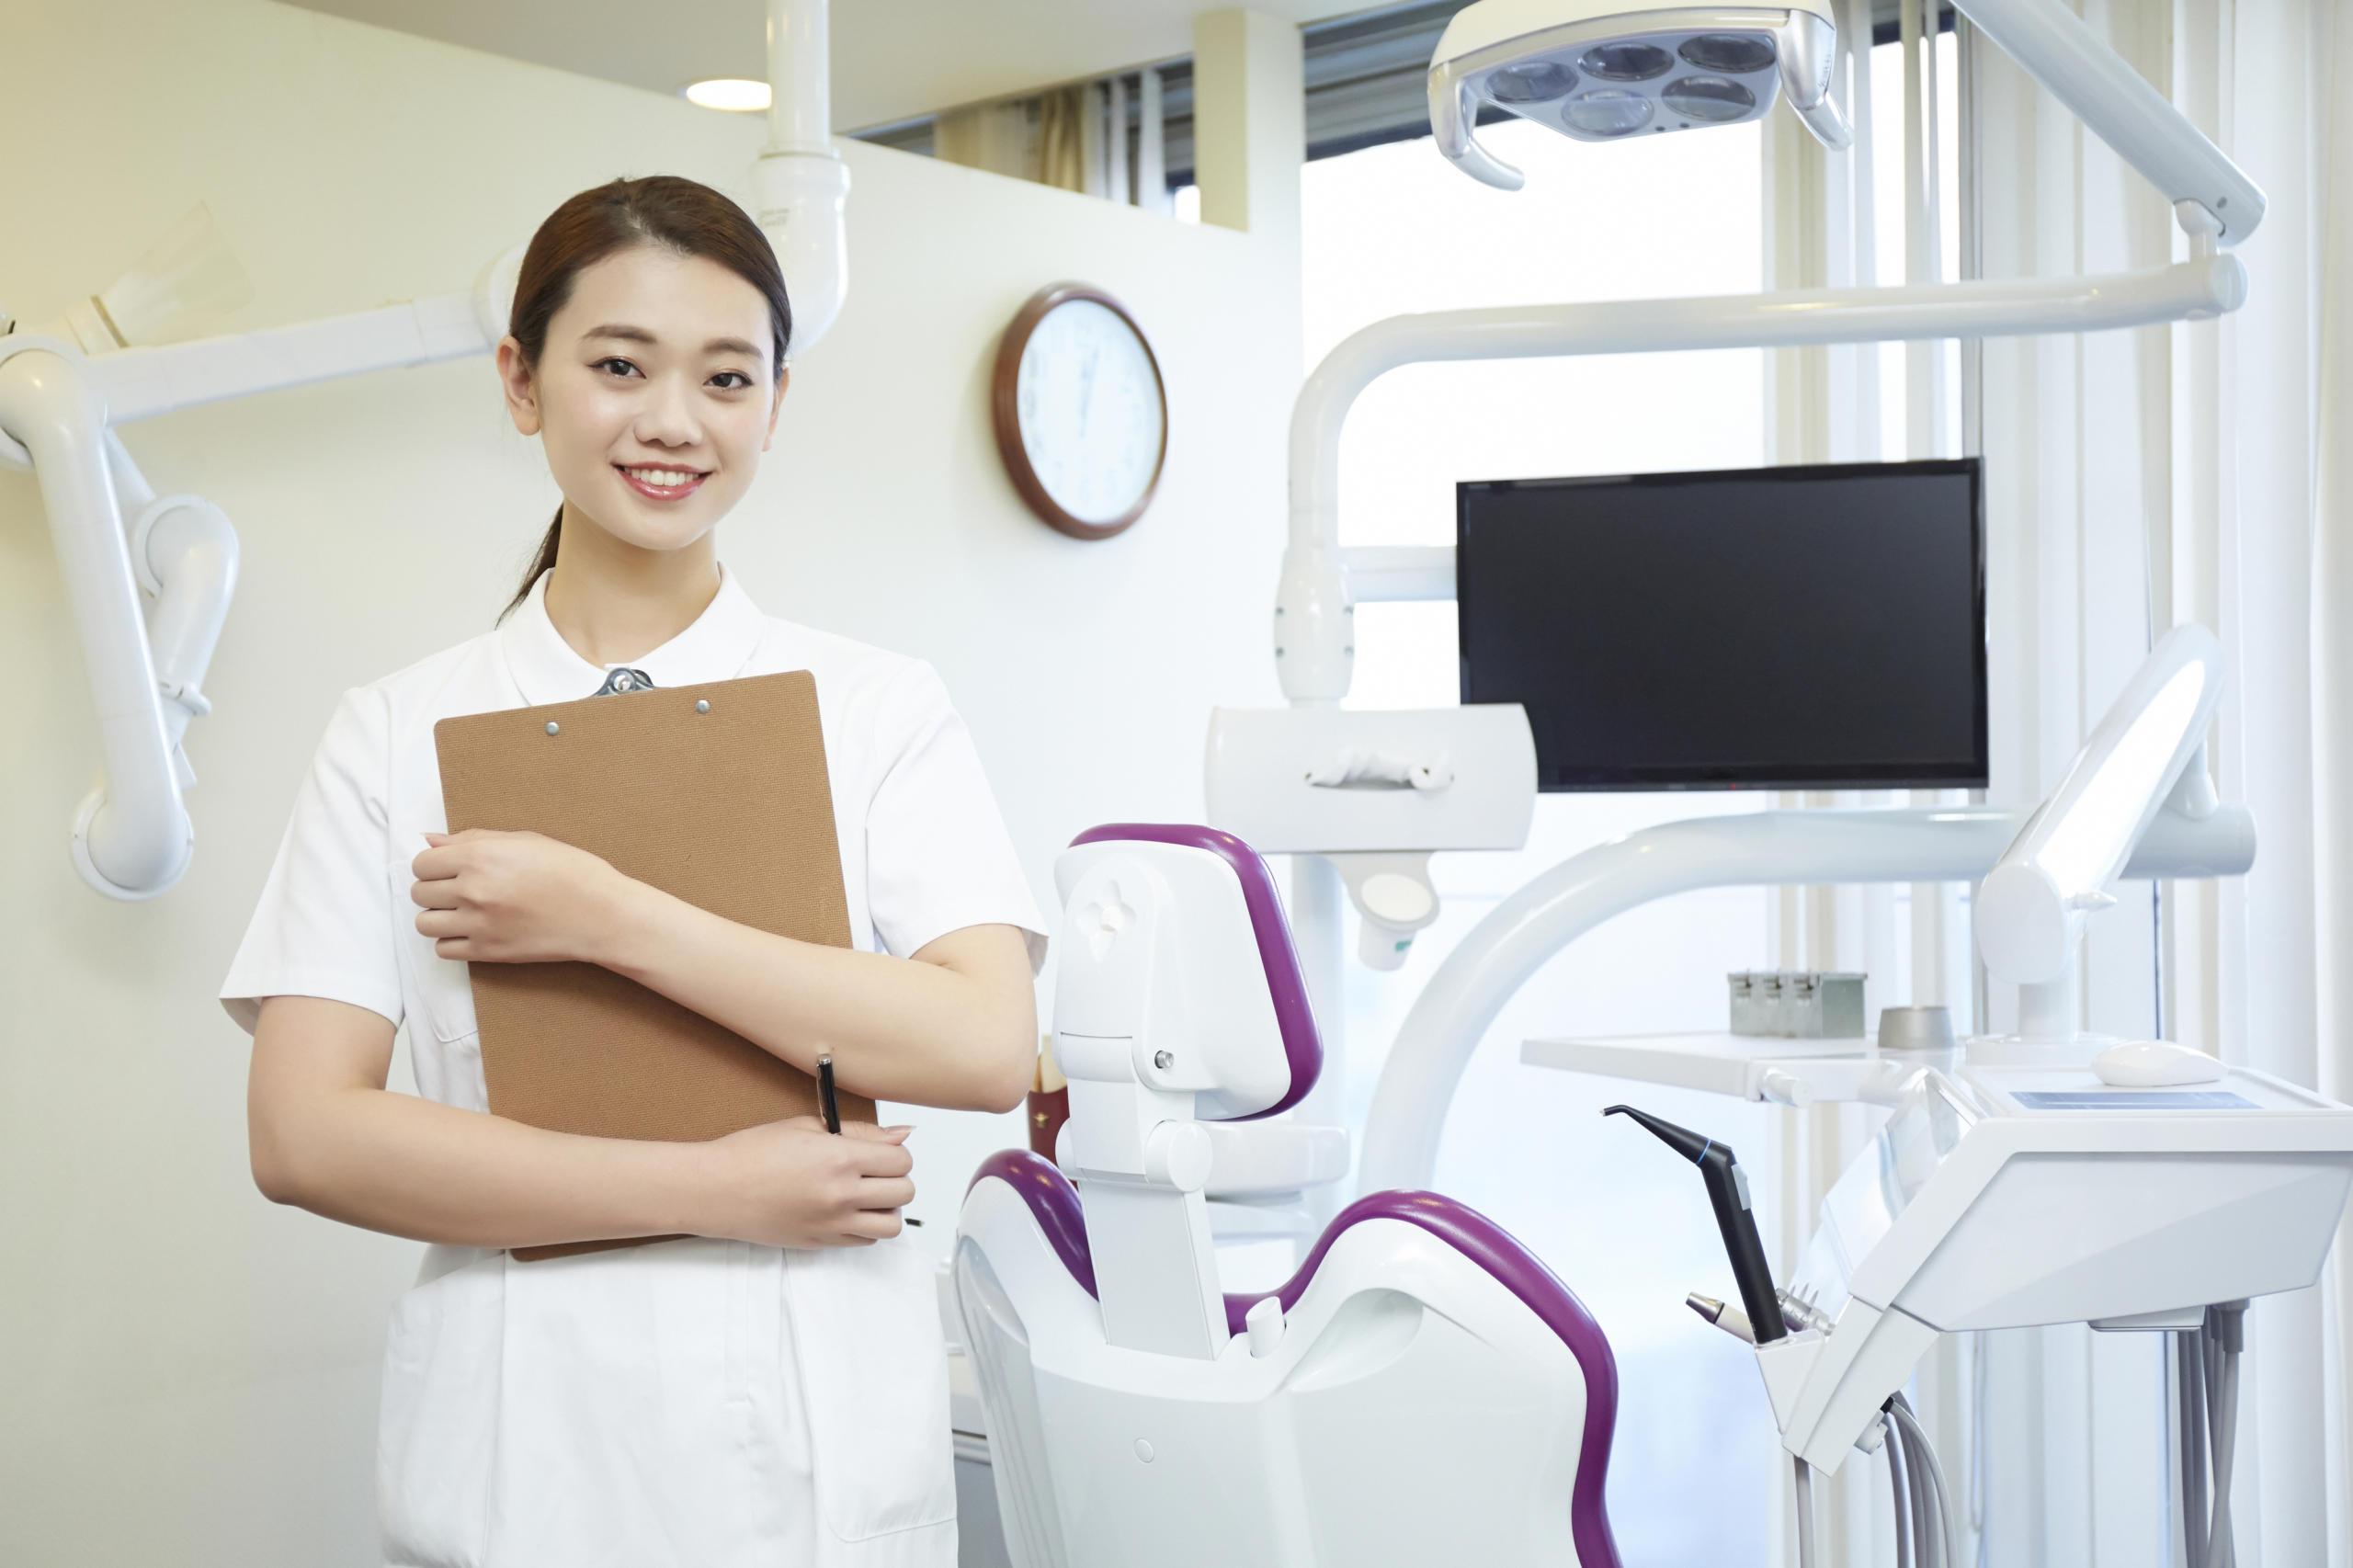 【徒歩10分以内】関目駅の歯医者4院のおすすめポイント